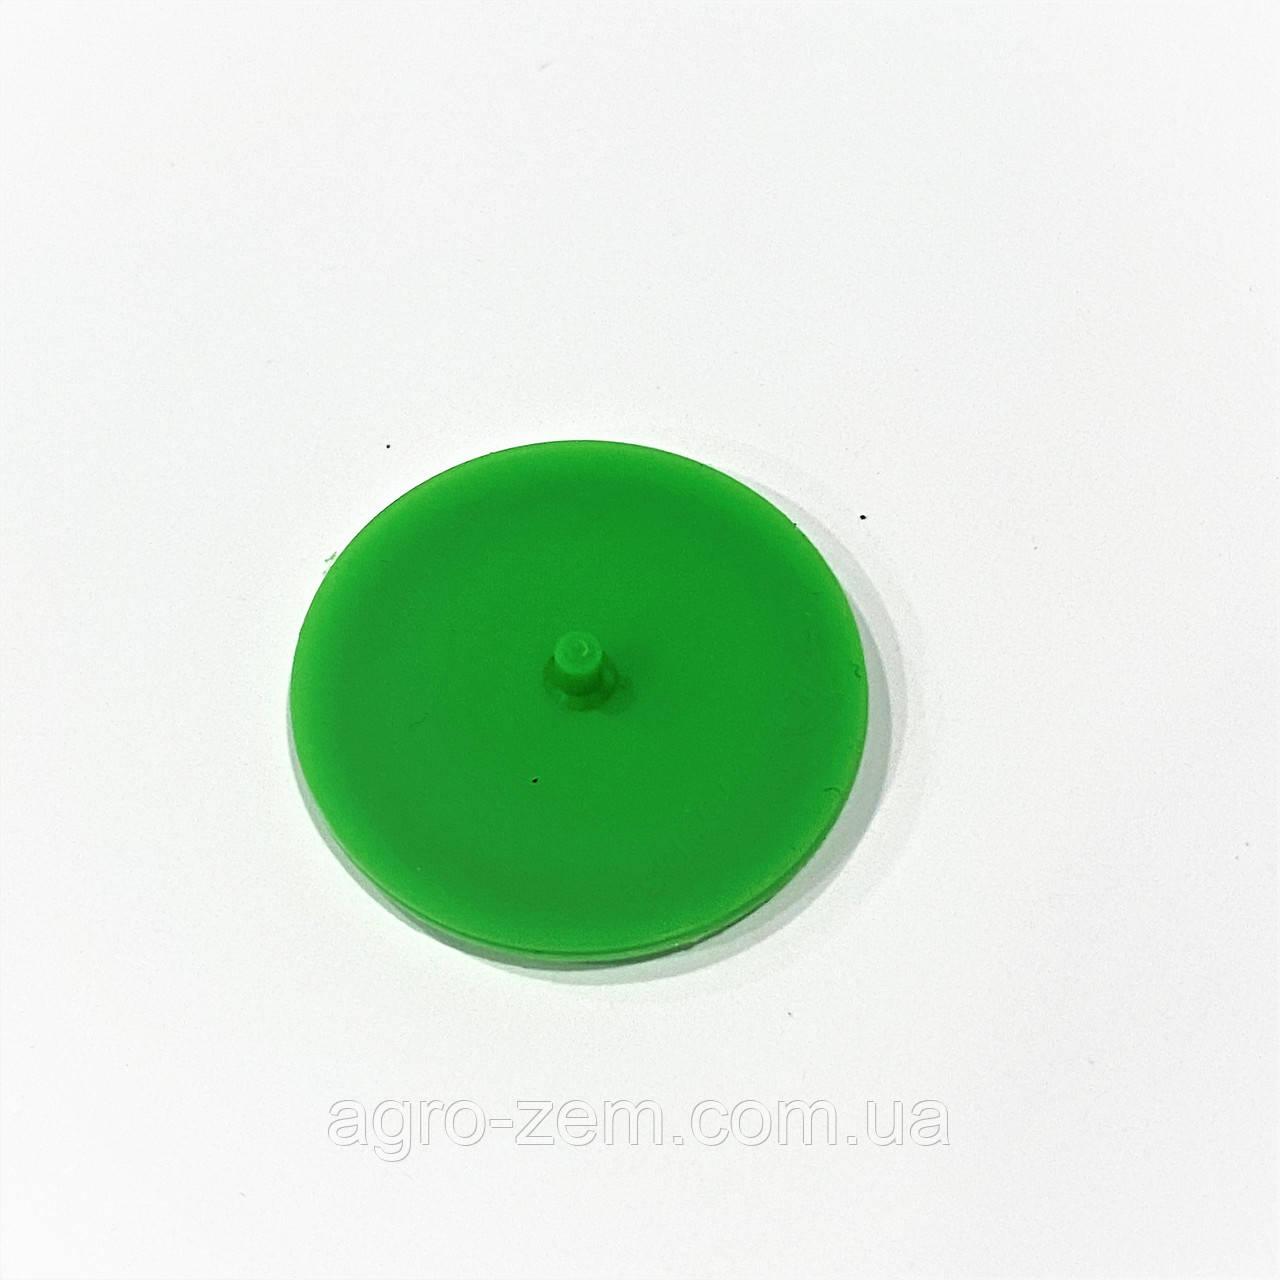 Мембрана форсунки опрыскивателя (силиконовая)  PROLINE Agroplast 0-104/087PRO |226785|